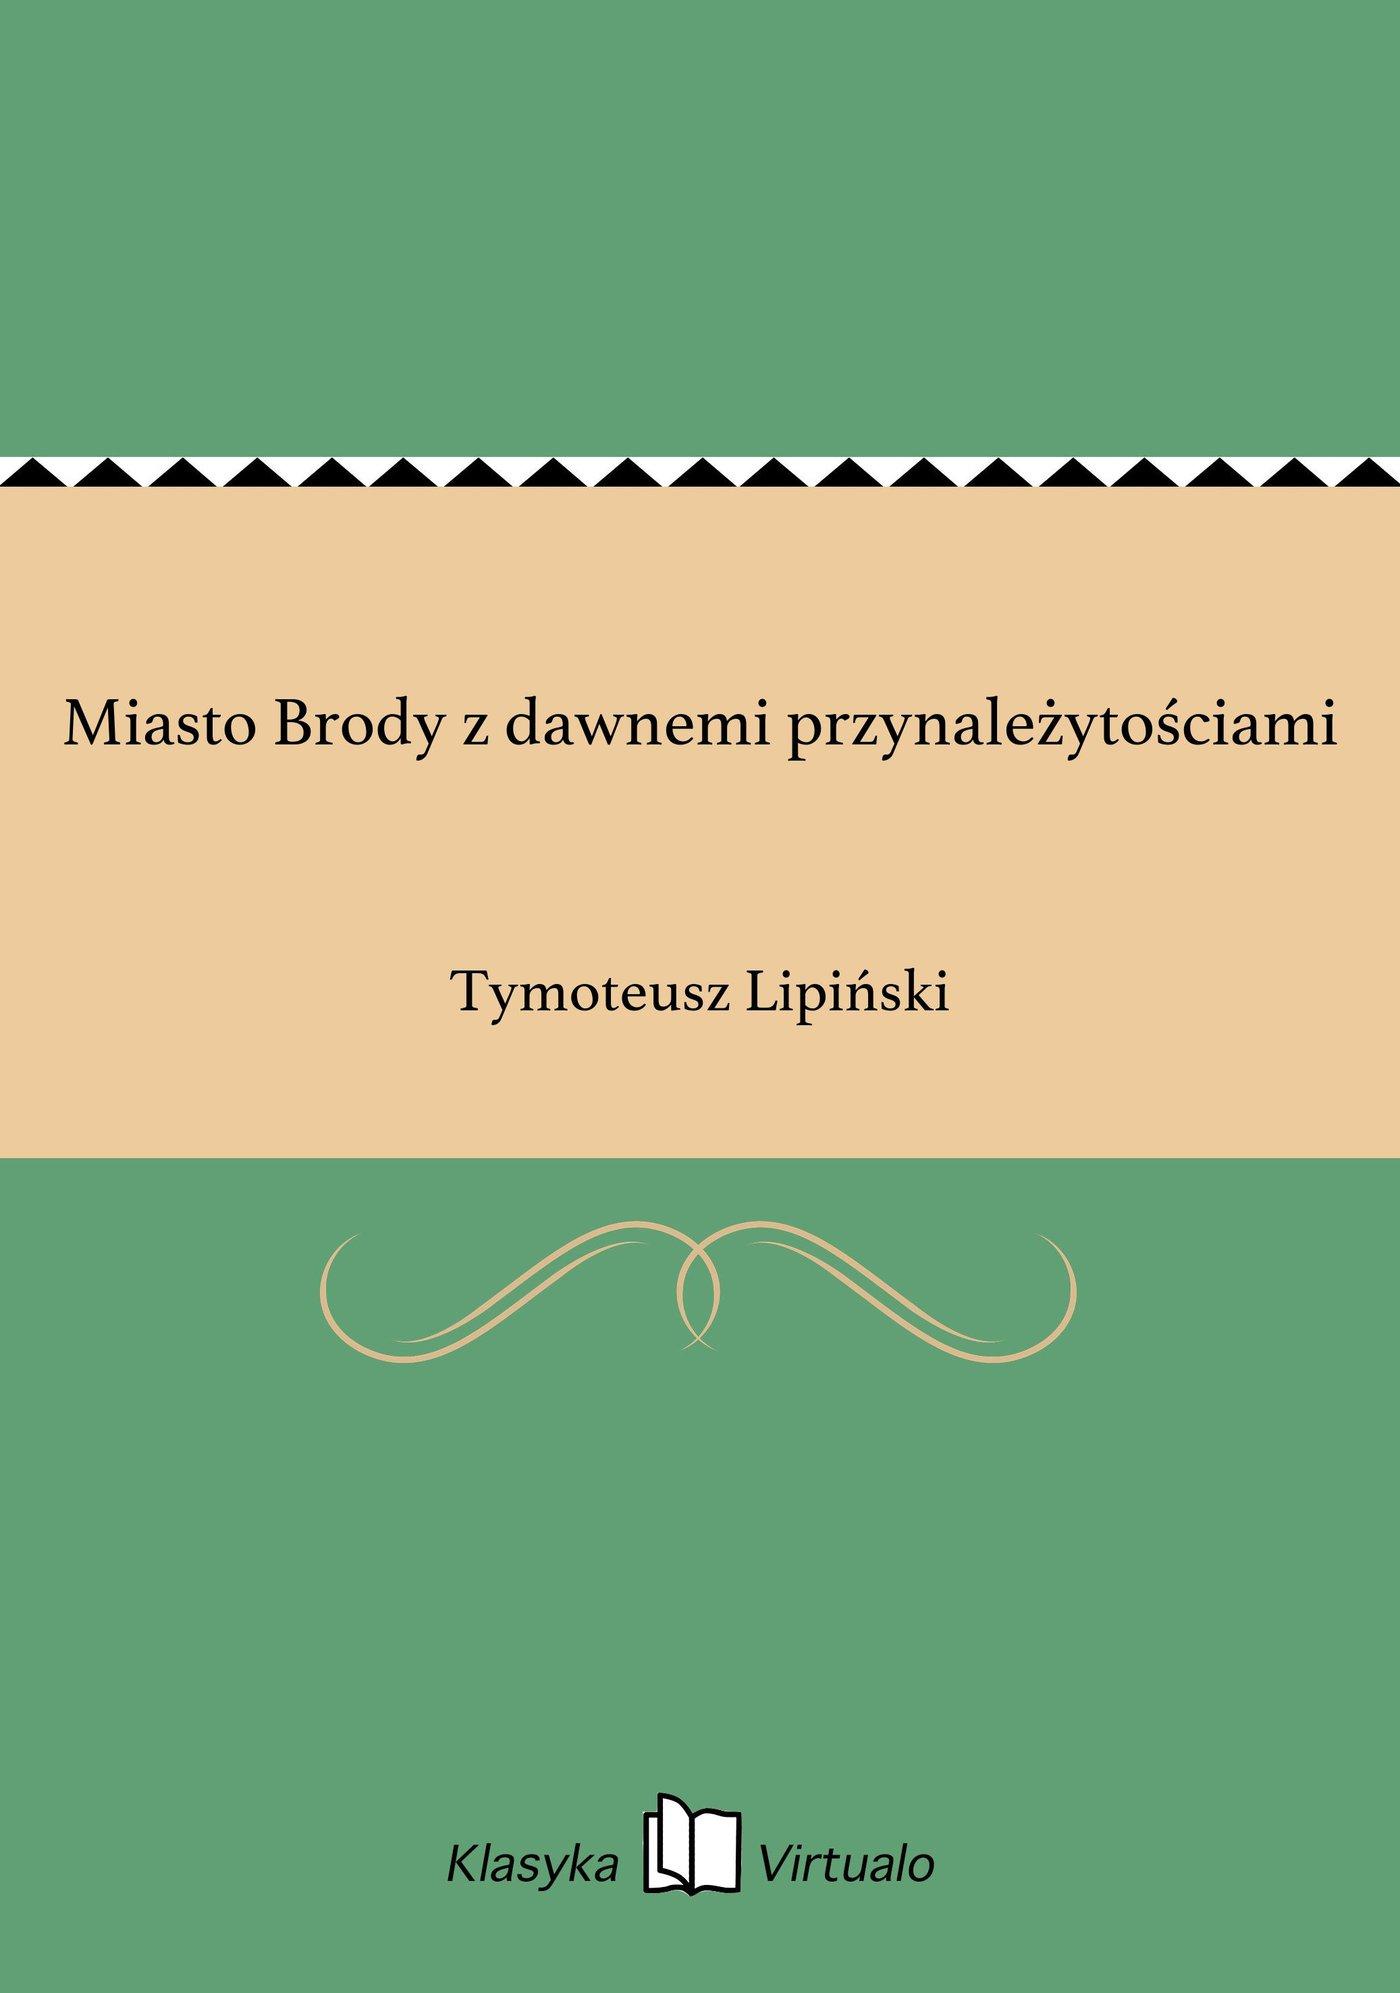 Miasto Brody z dawnemi przynależytościami - Ebook (Książka EPUB) do pobrania w formacie EPUB